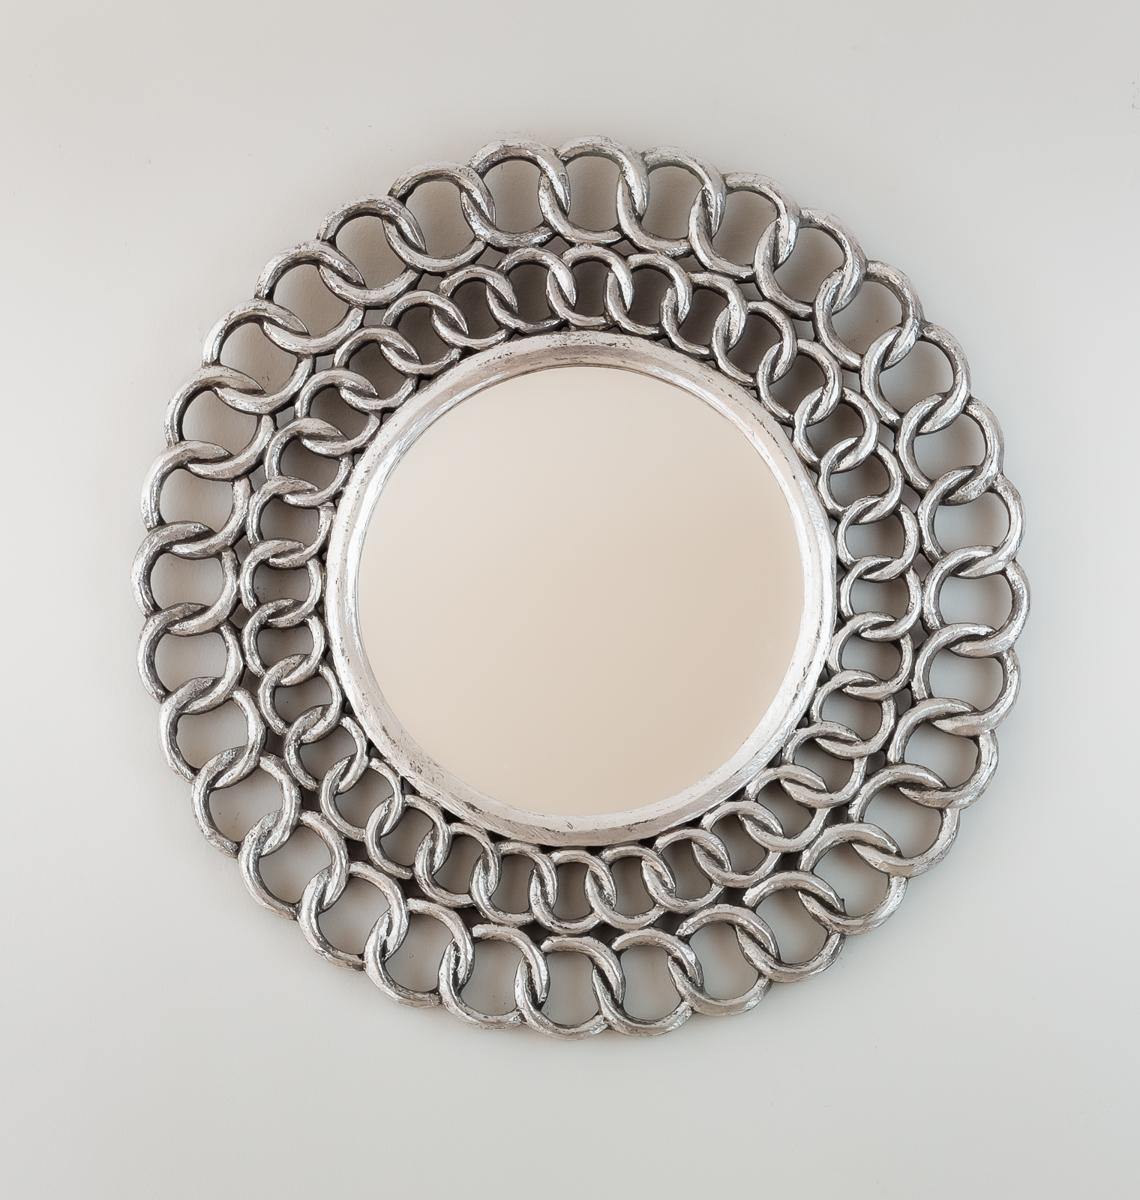 Espejo decorativo de pared en madera gold chaine circle plata for Espejo pared plata